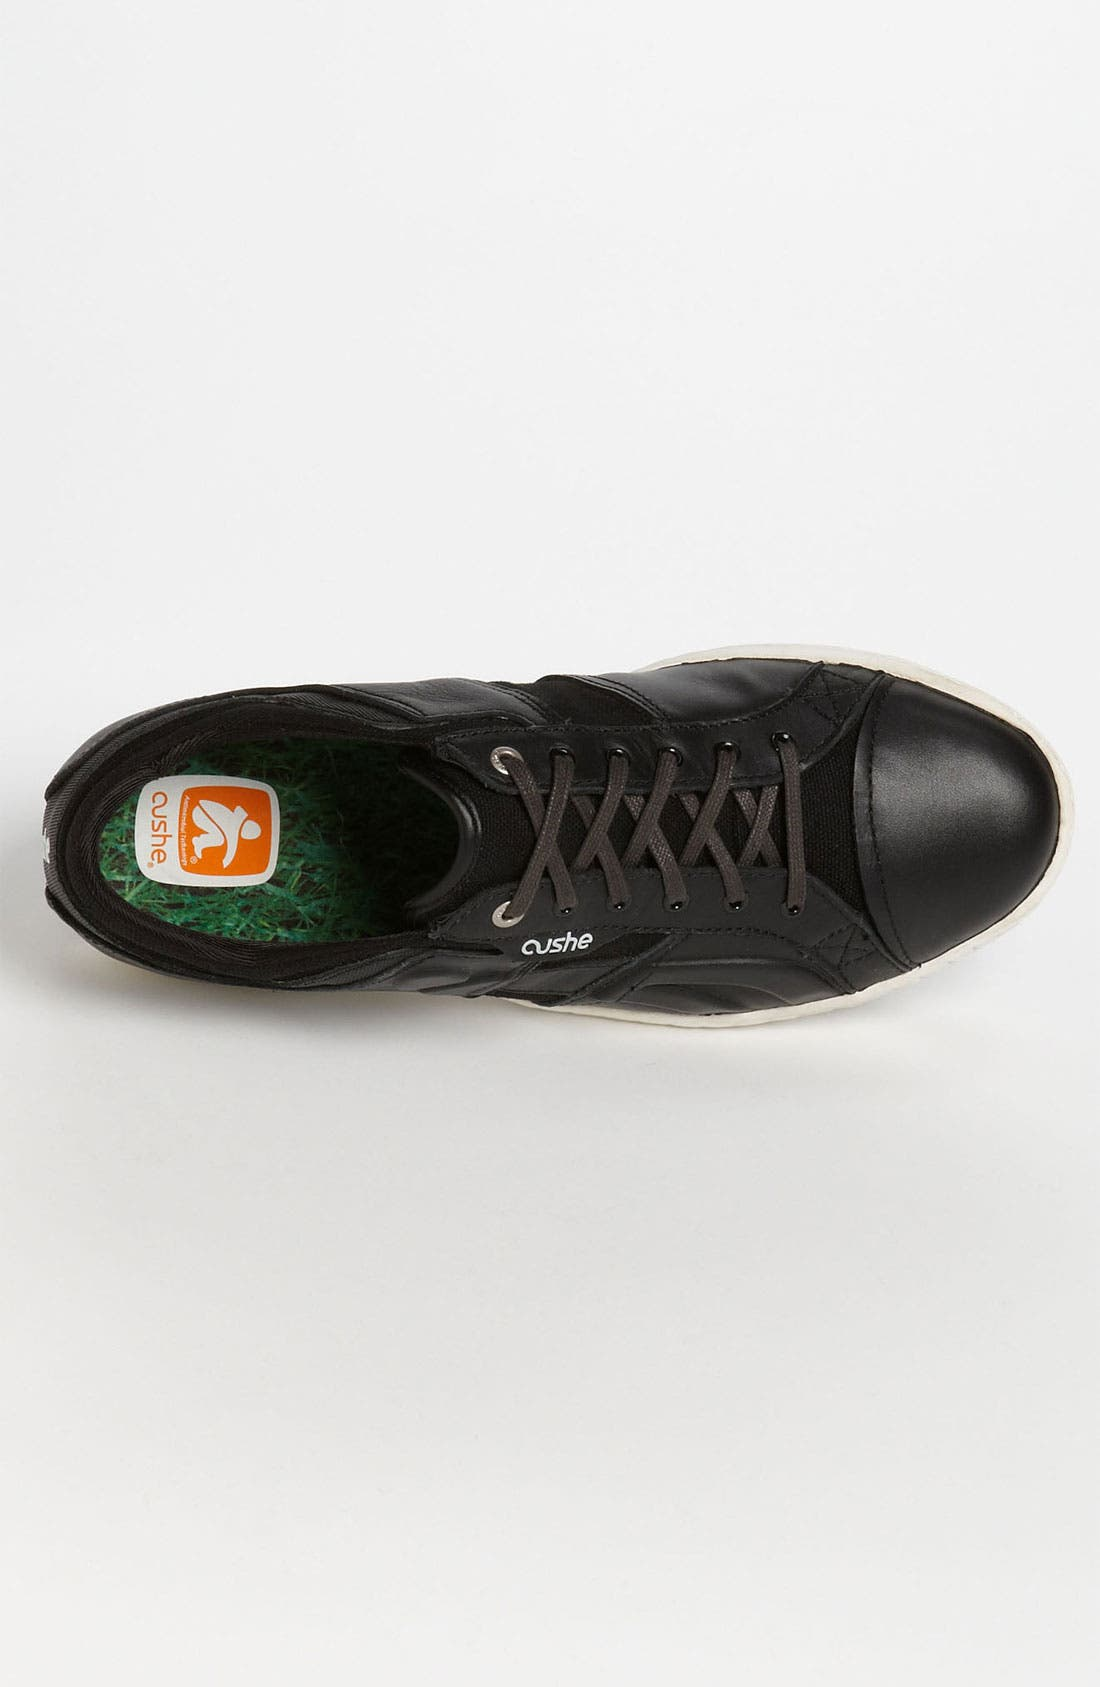 Alternate Image 3  - Cushe 'The Standard' Sneaker